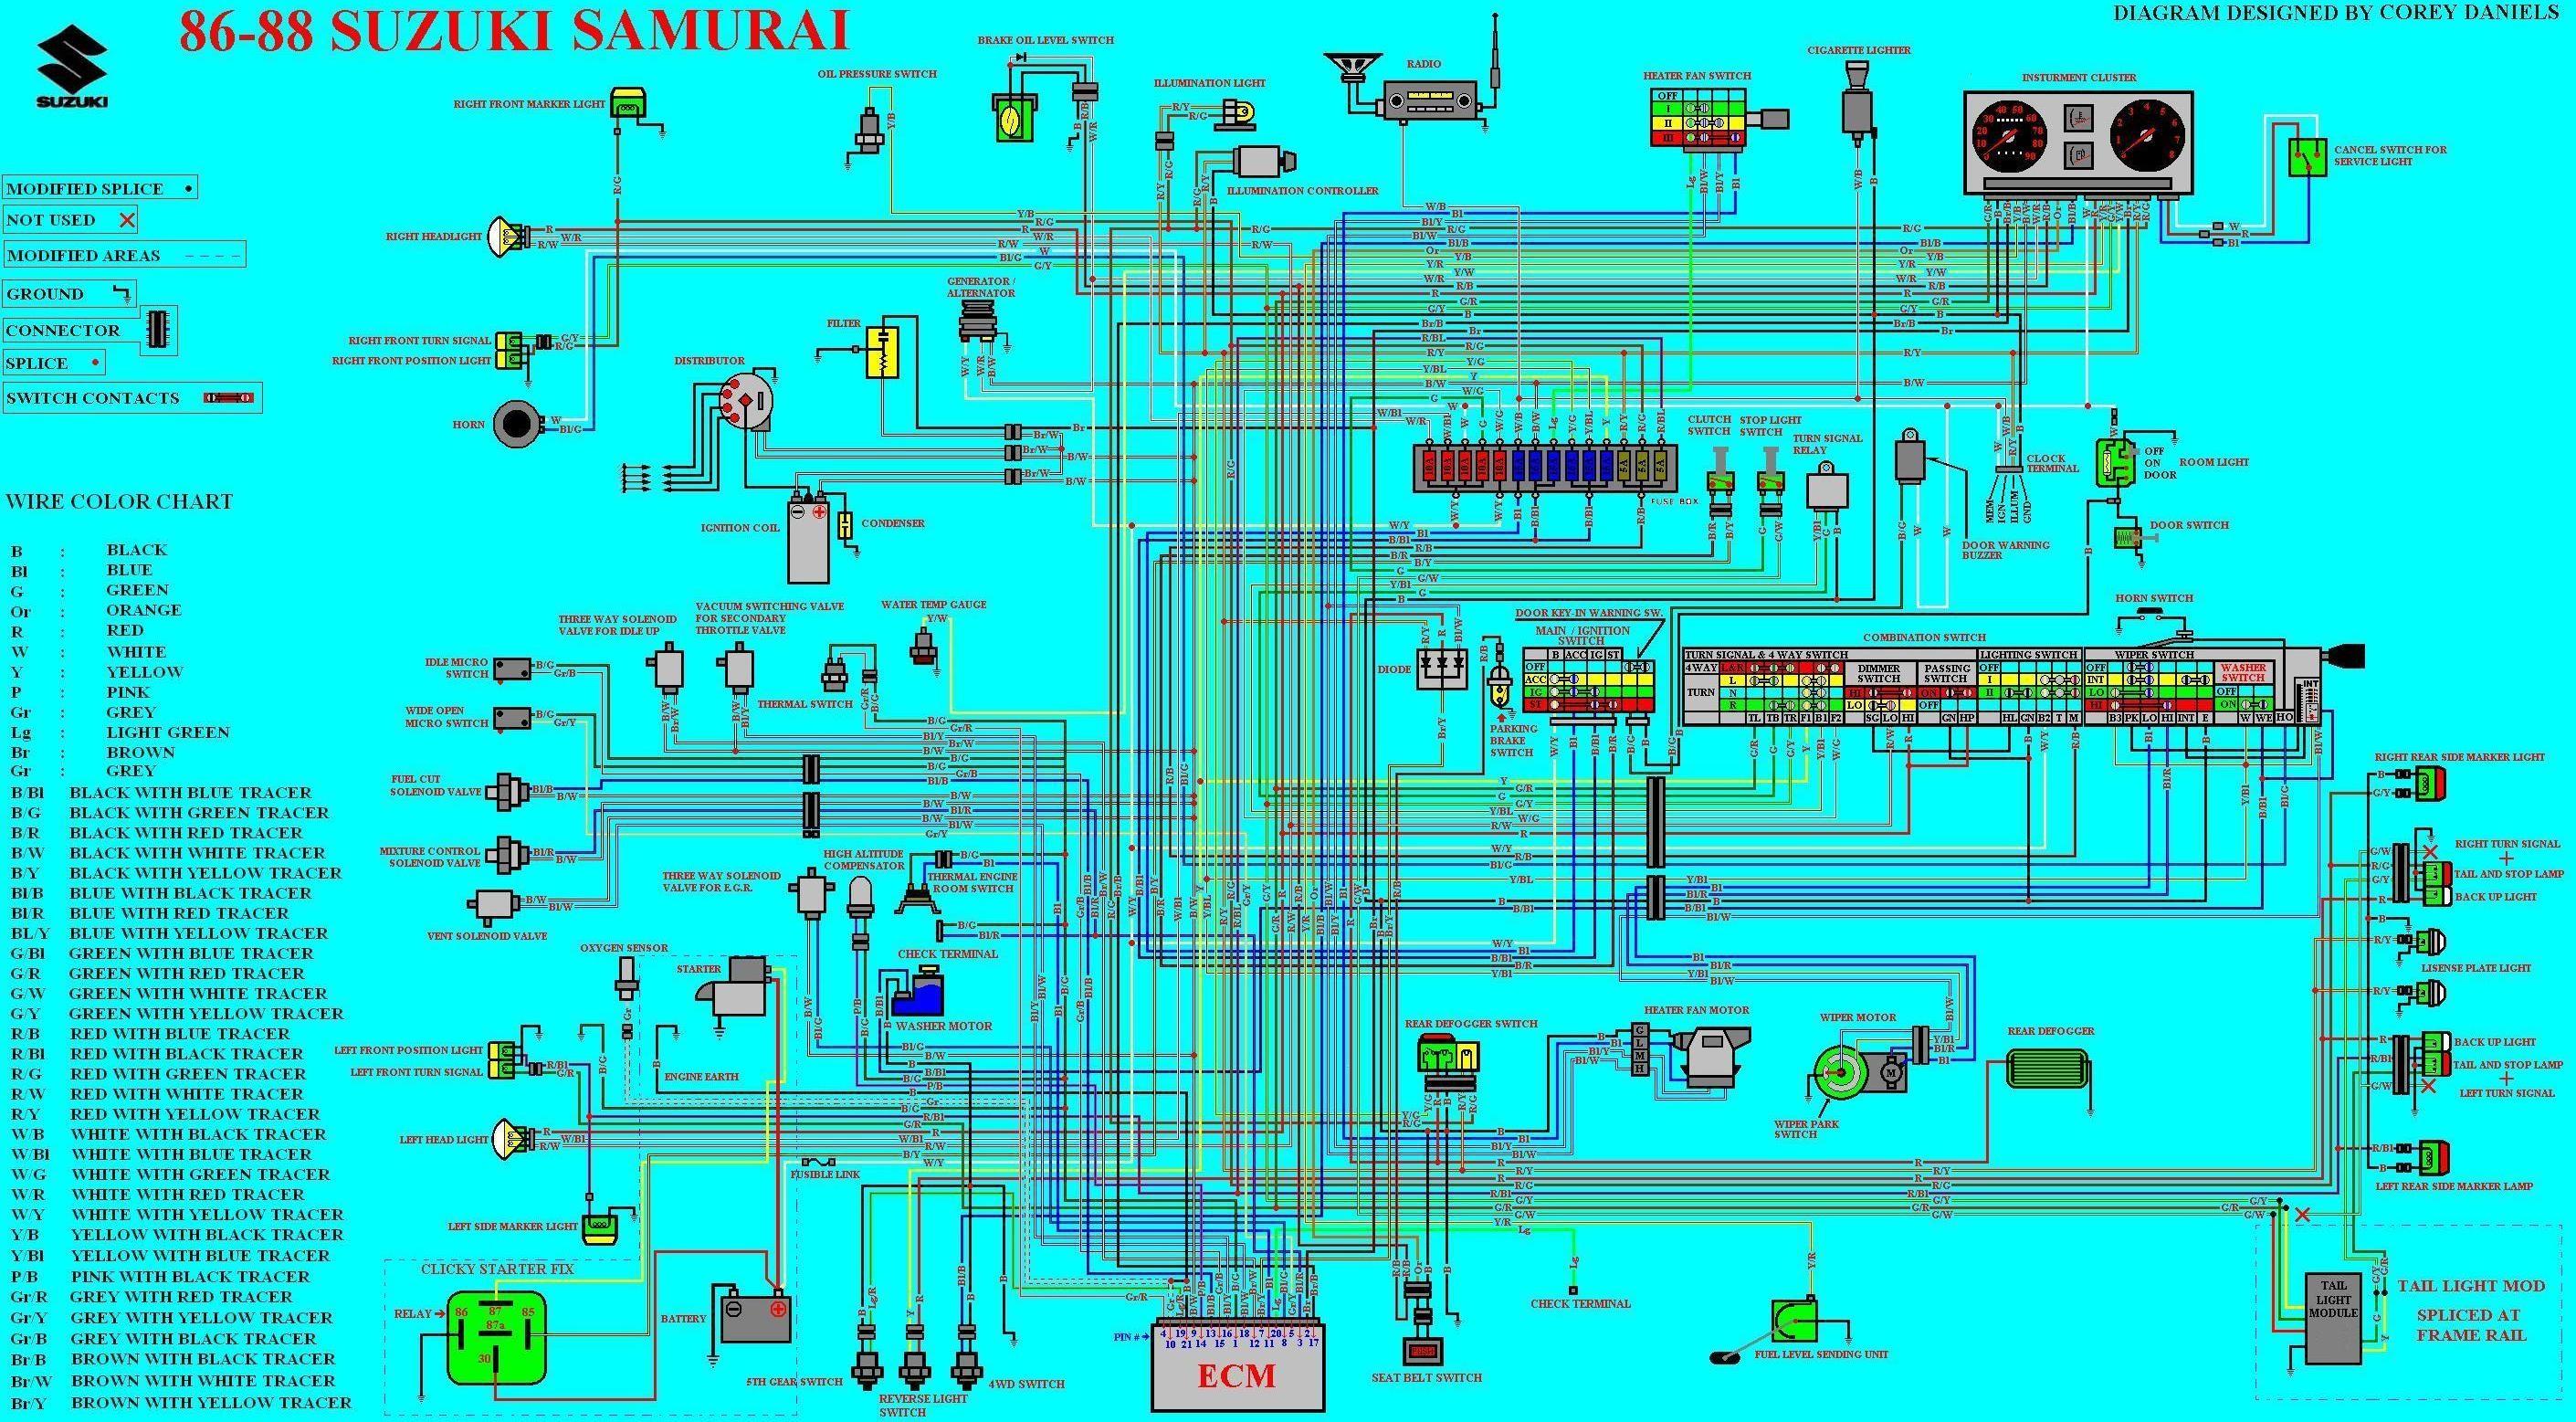 Suzuki Samurai Wiring Schematic 6678 2005 Suzuki Boulevard C50 Wiring Diagram Schematic Of Suzuki Samurai Wiring Schematic